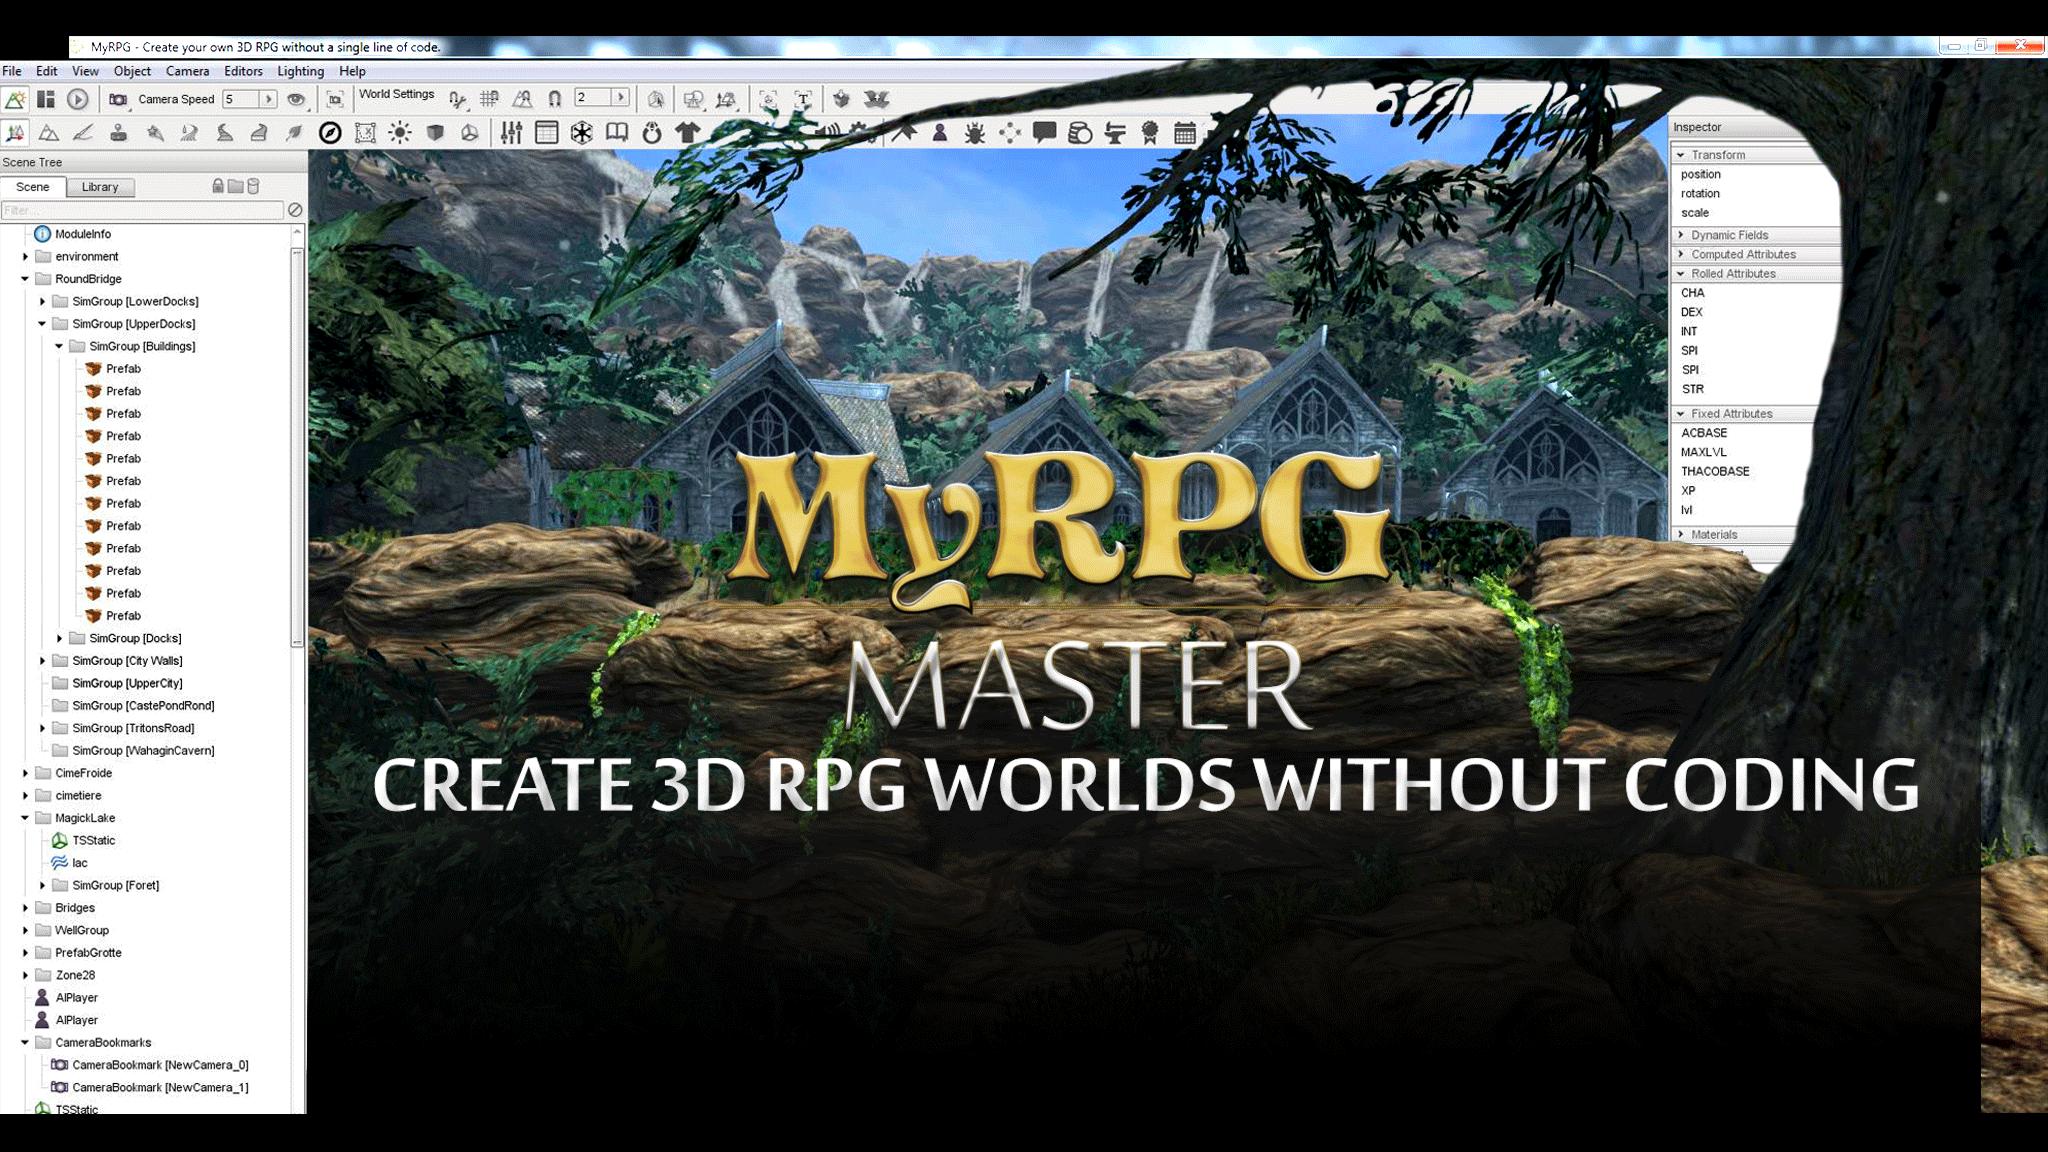 MyRPG Master, créez facilement vos propre jeux de rôle en 3D 360947093fd795c992439d83621a0bd7a5284c